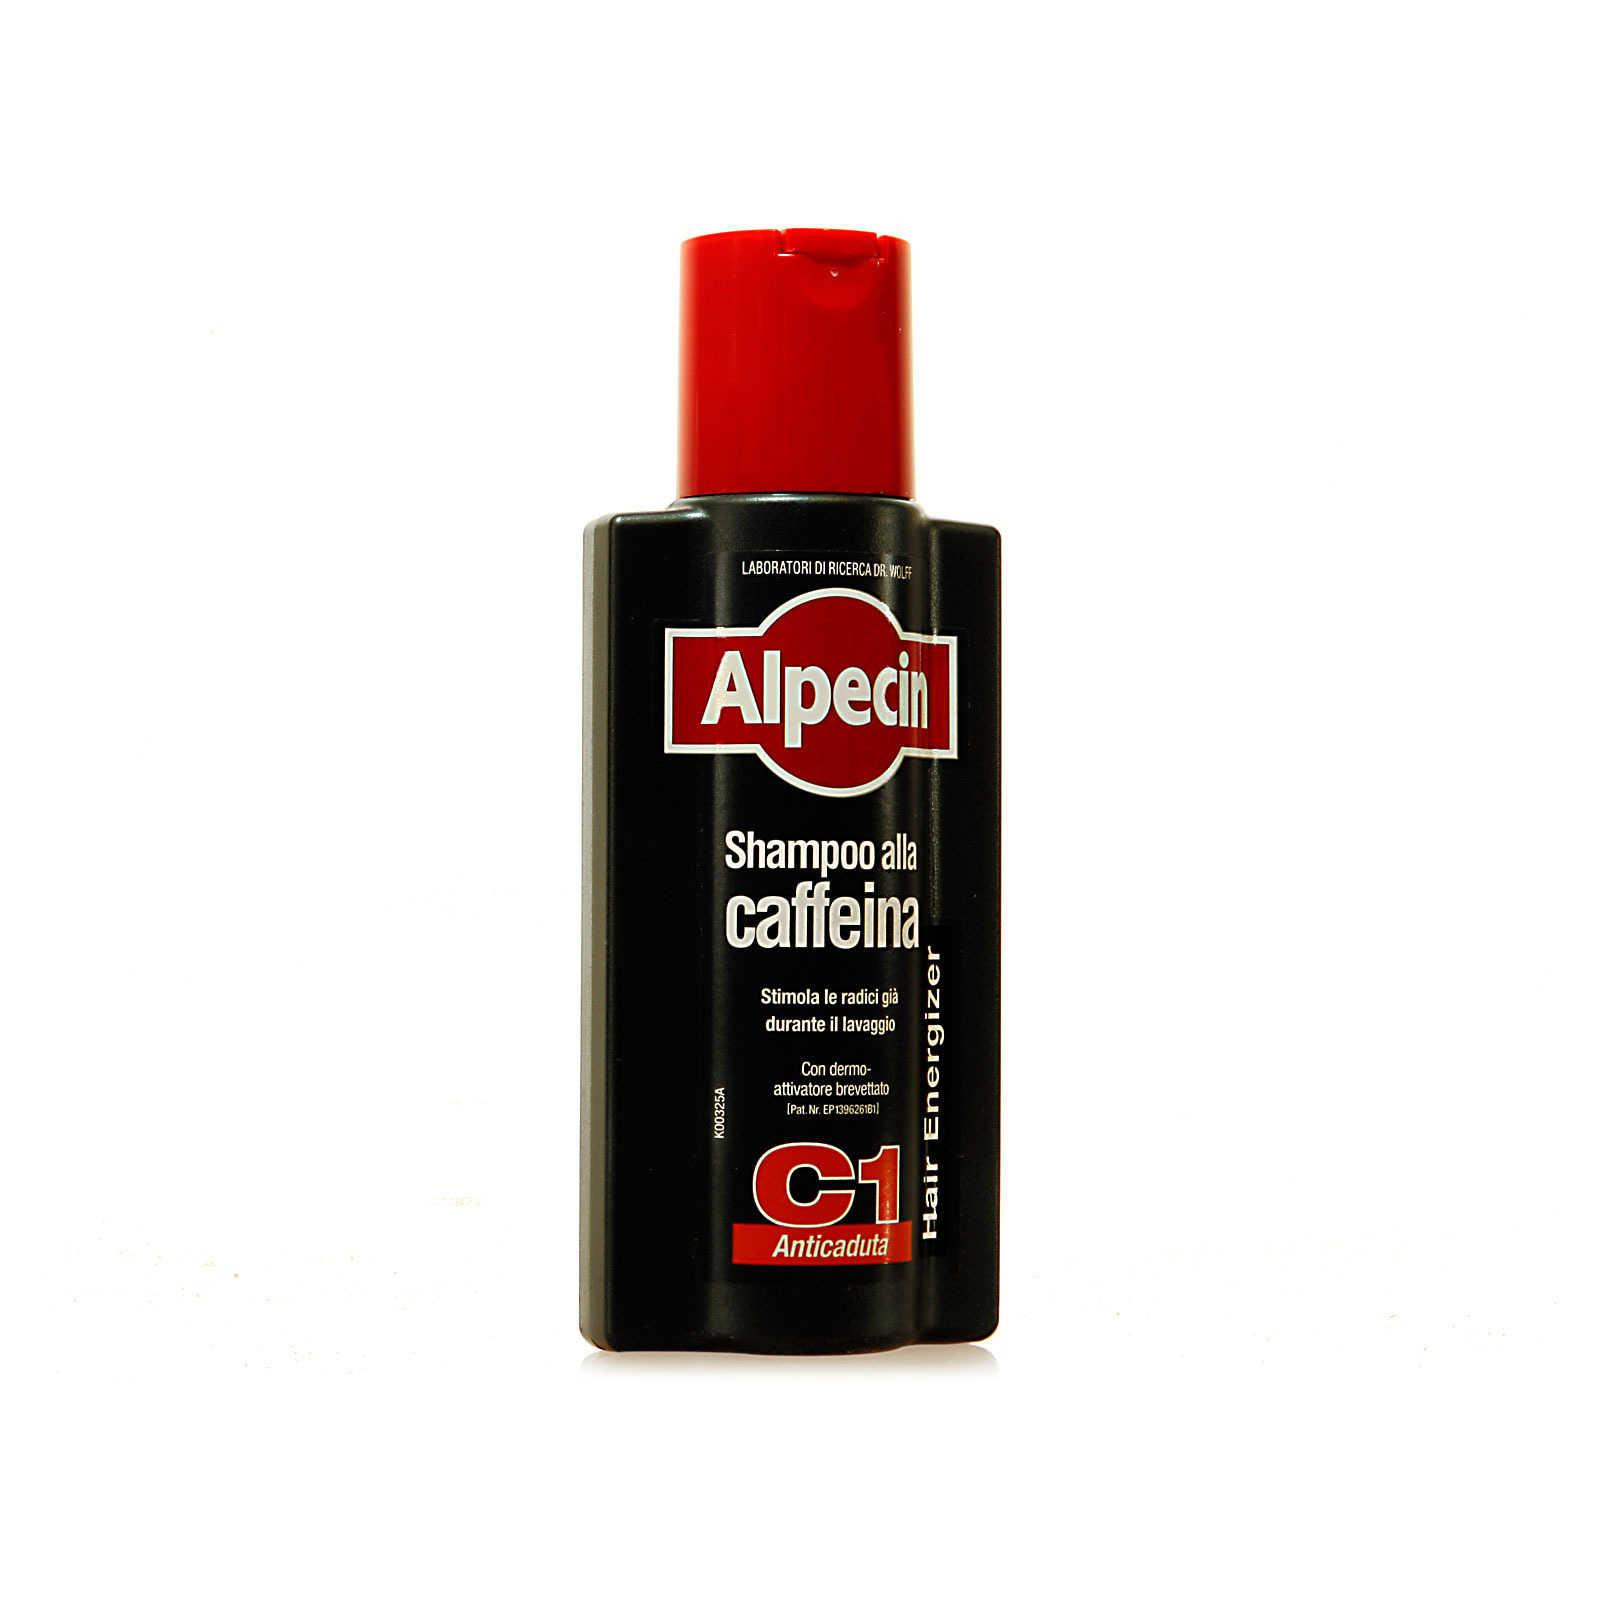 Alpecin - Shampoo alla caffeina